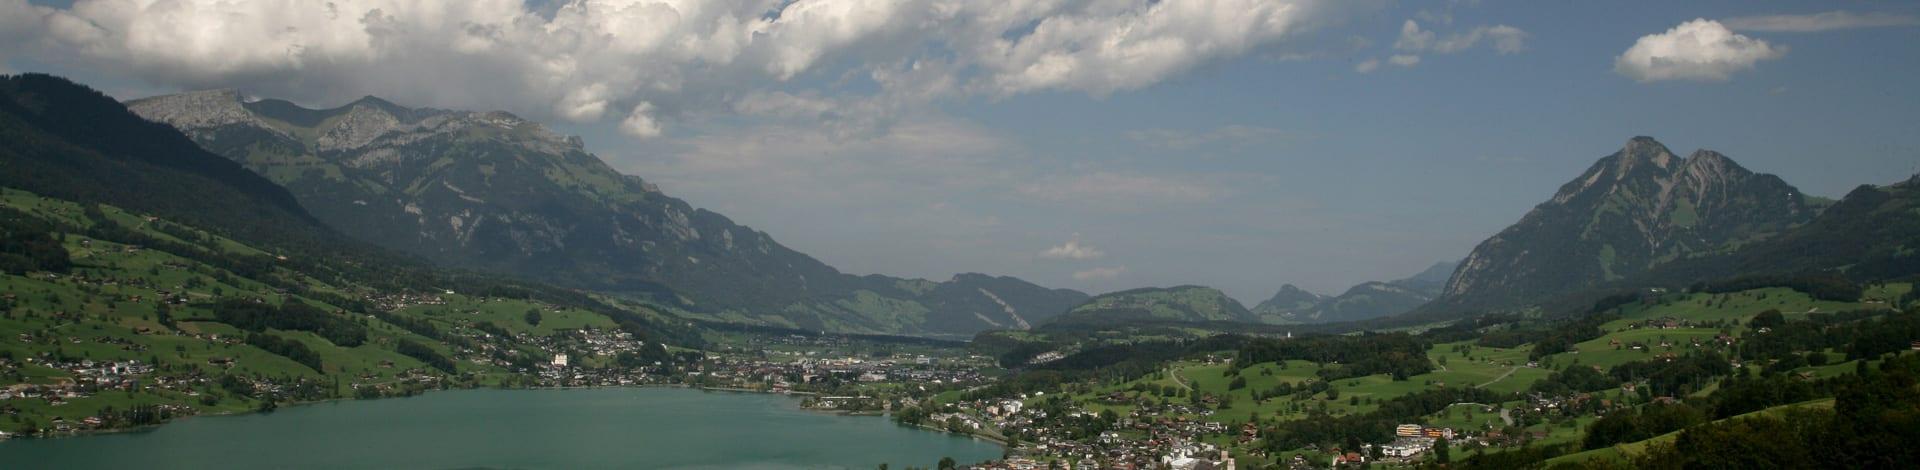 Region Obwalden und Nidwalden